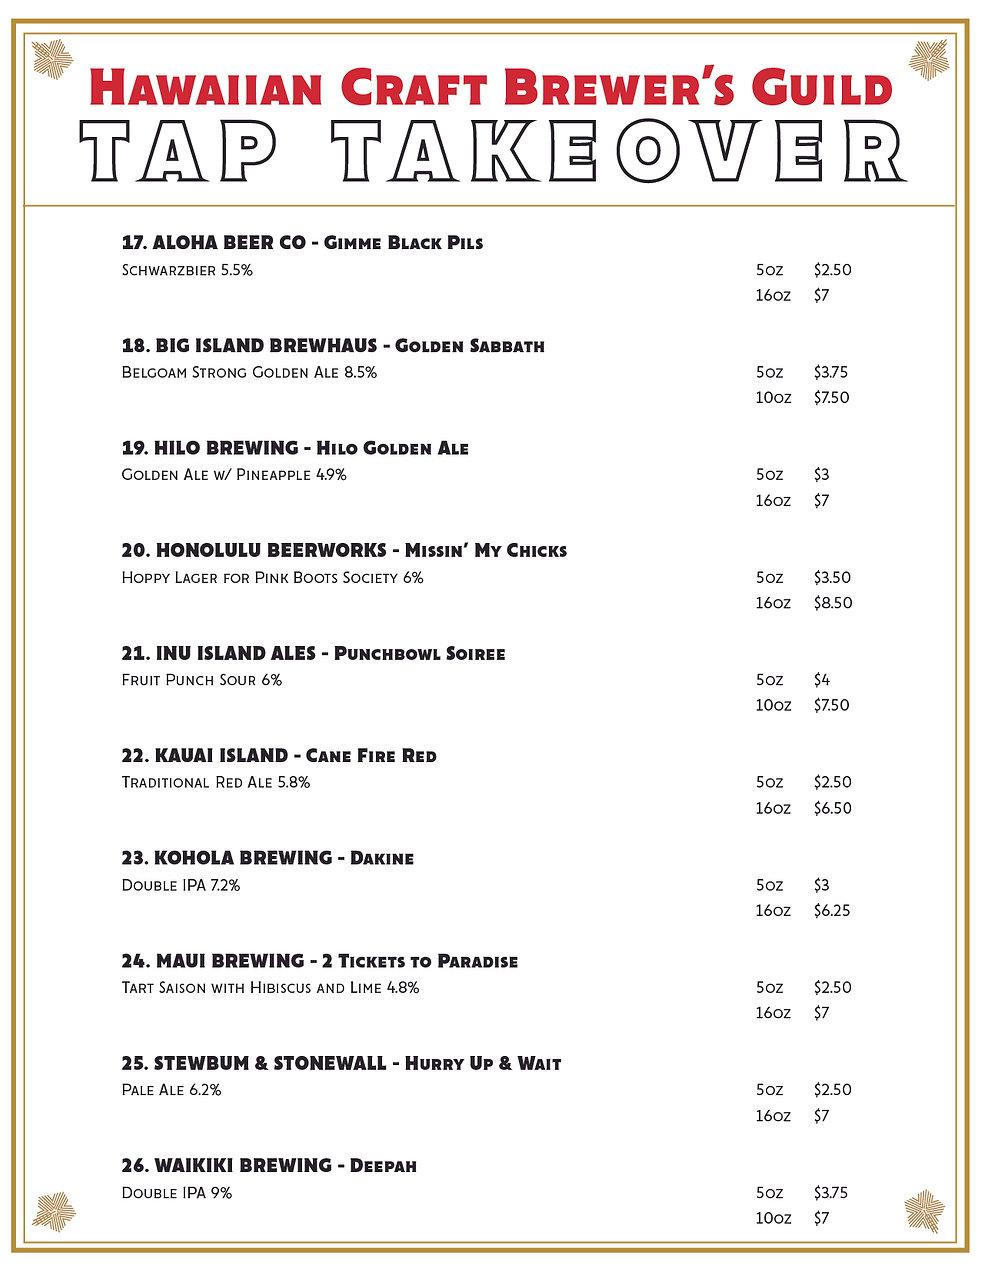 TAP TAKEOVER-08.jpg